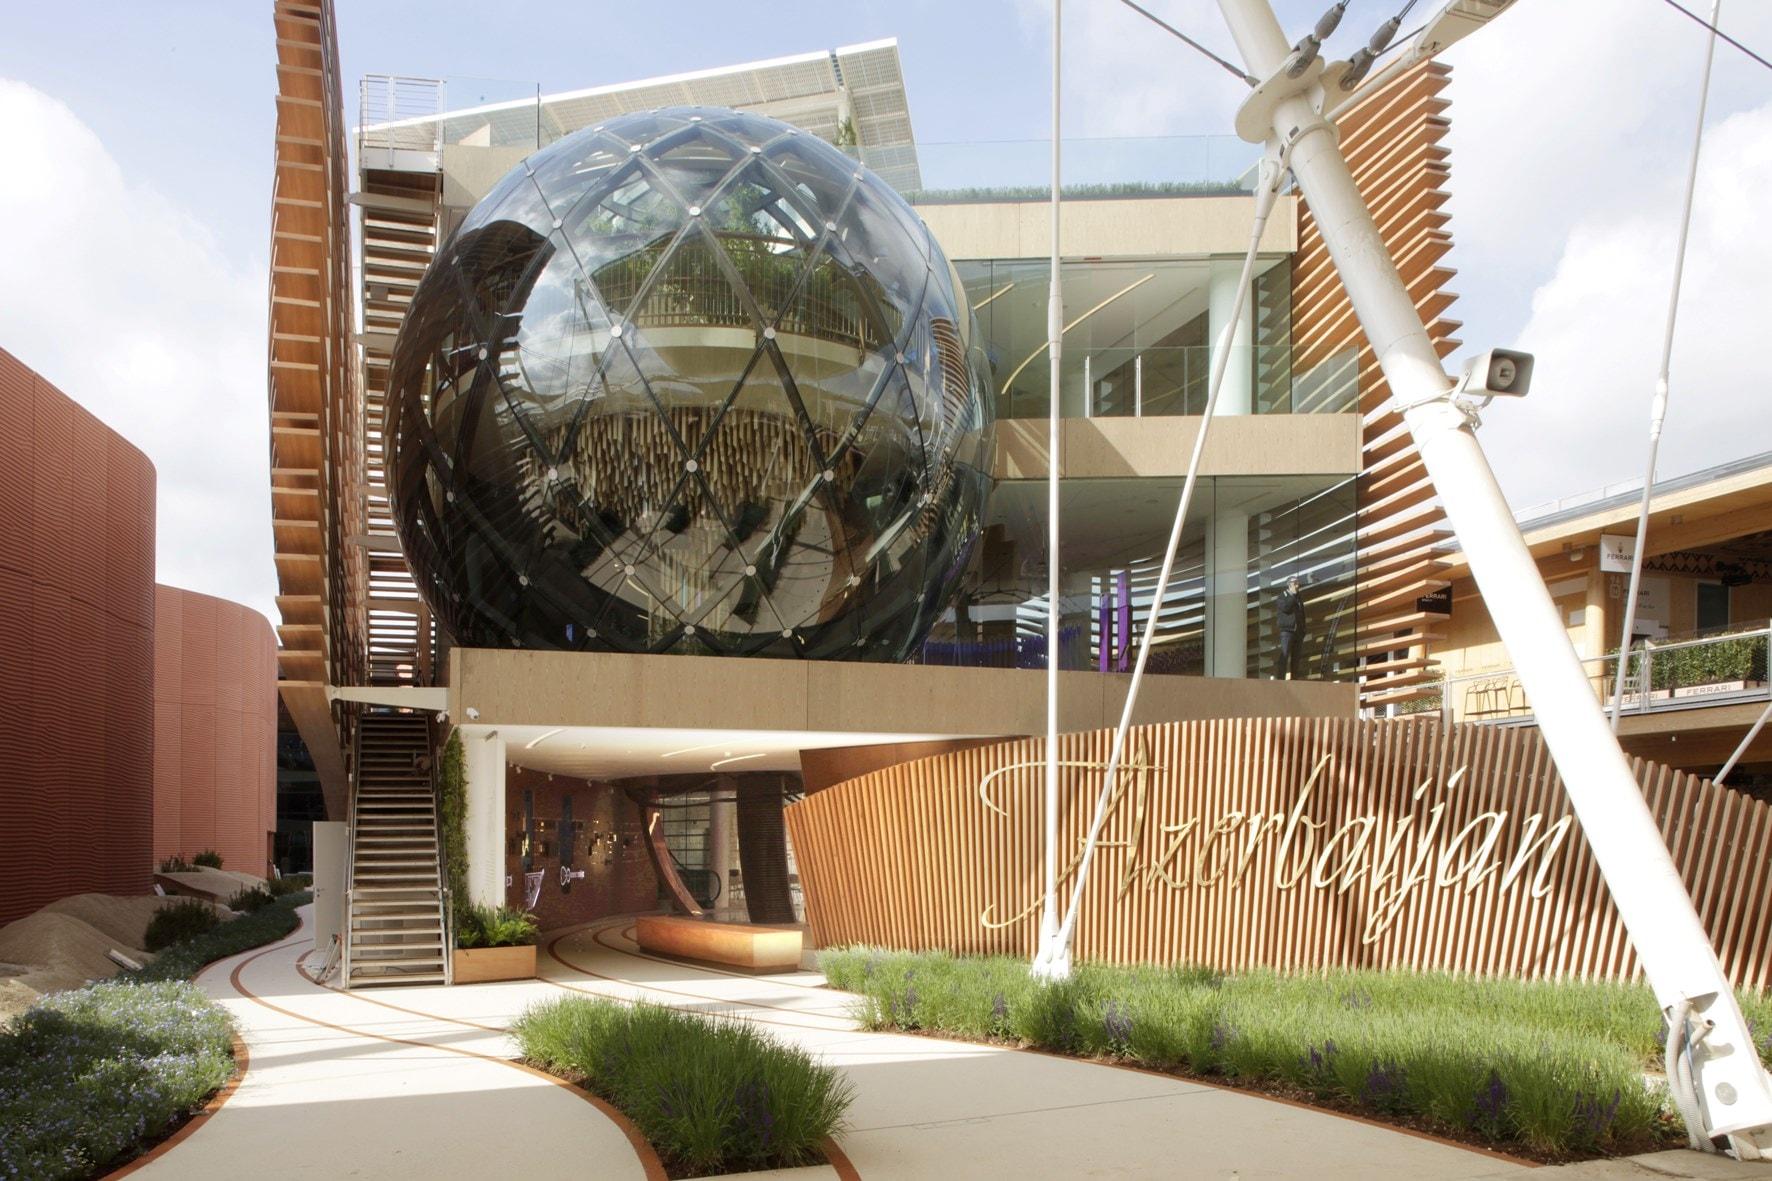 Le sfere del Padiglione Azerbaijan a Expo visitate da 10 mila persone ogni giorno